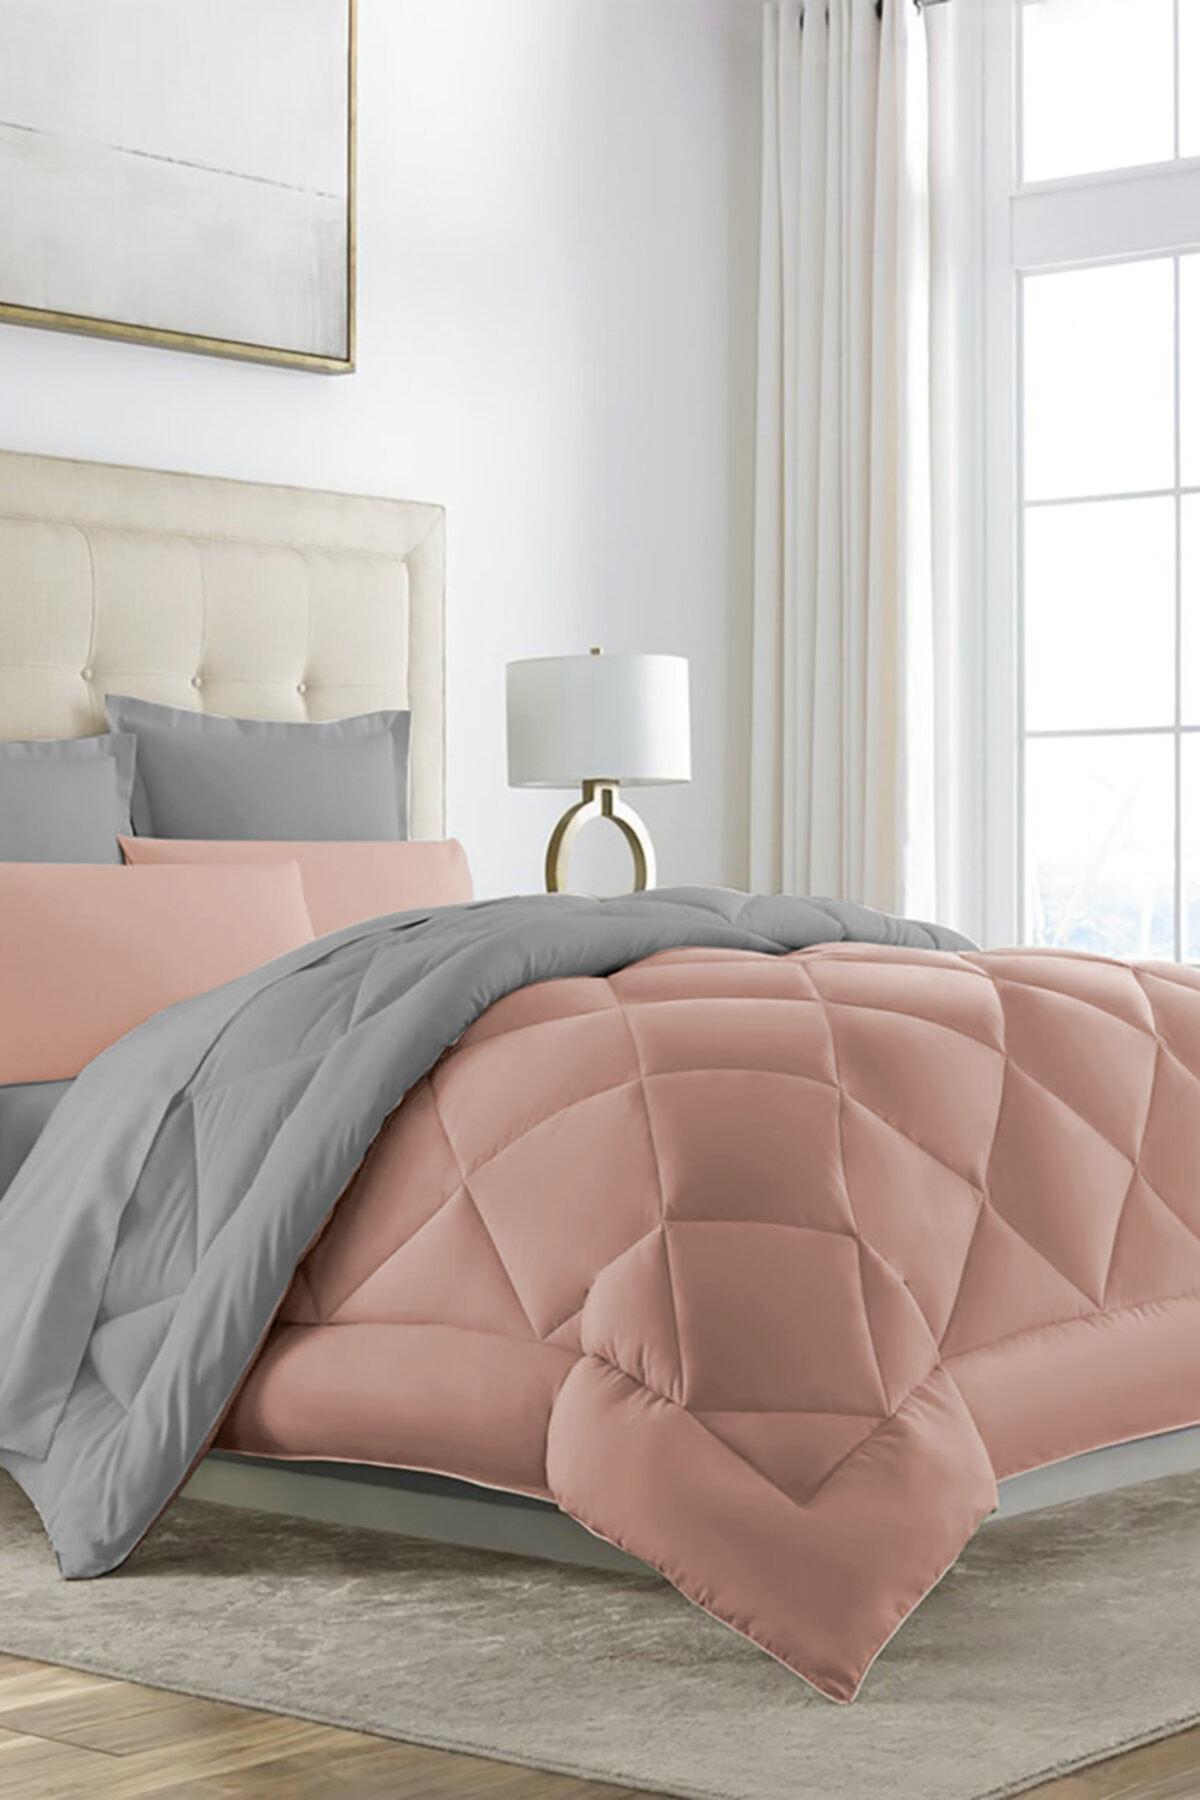 Çift Taraflı Lux Uyku Seti - Çift Kişilik